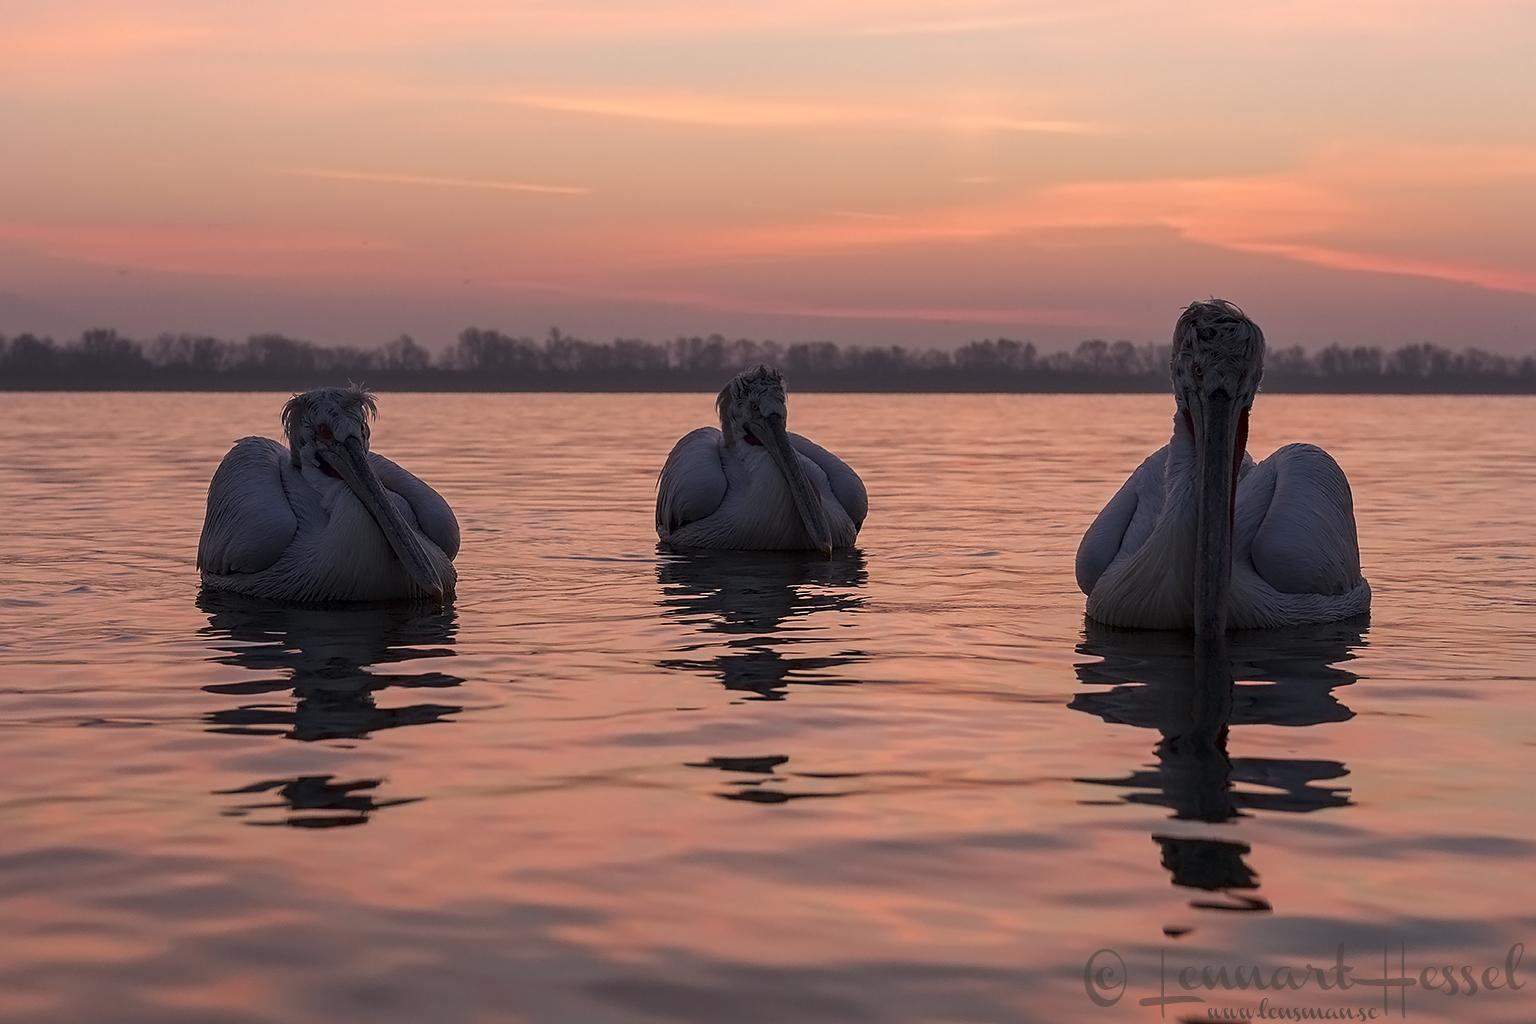 Dalmatian Pelicans at sunrise Lake Kerkini